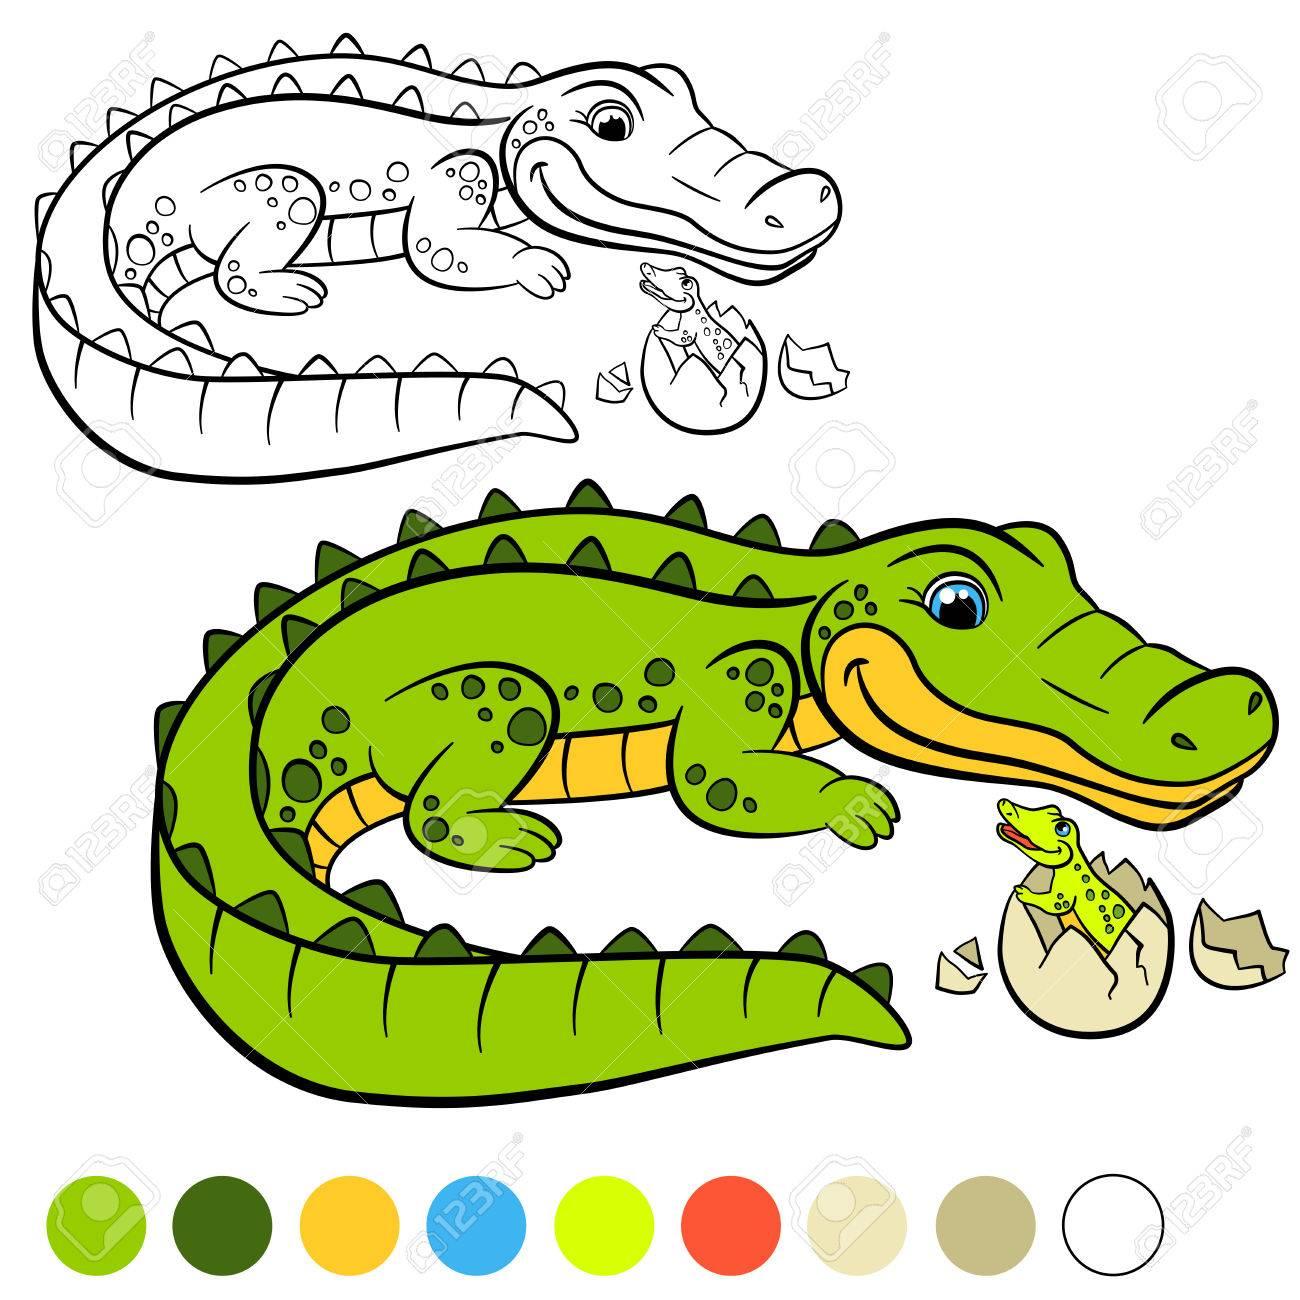 Dibujo Para Colorear Color Me Cocodrilo Cocodrilo Madre Con Su Pequeño Cocodrilo Lindo Del Bebé En El Huevo